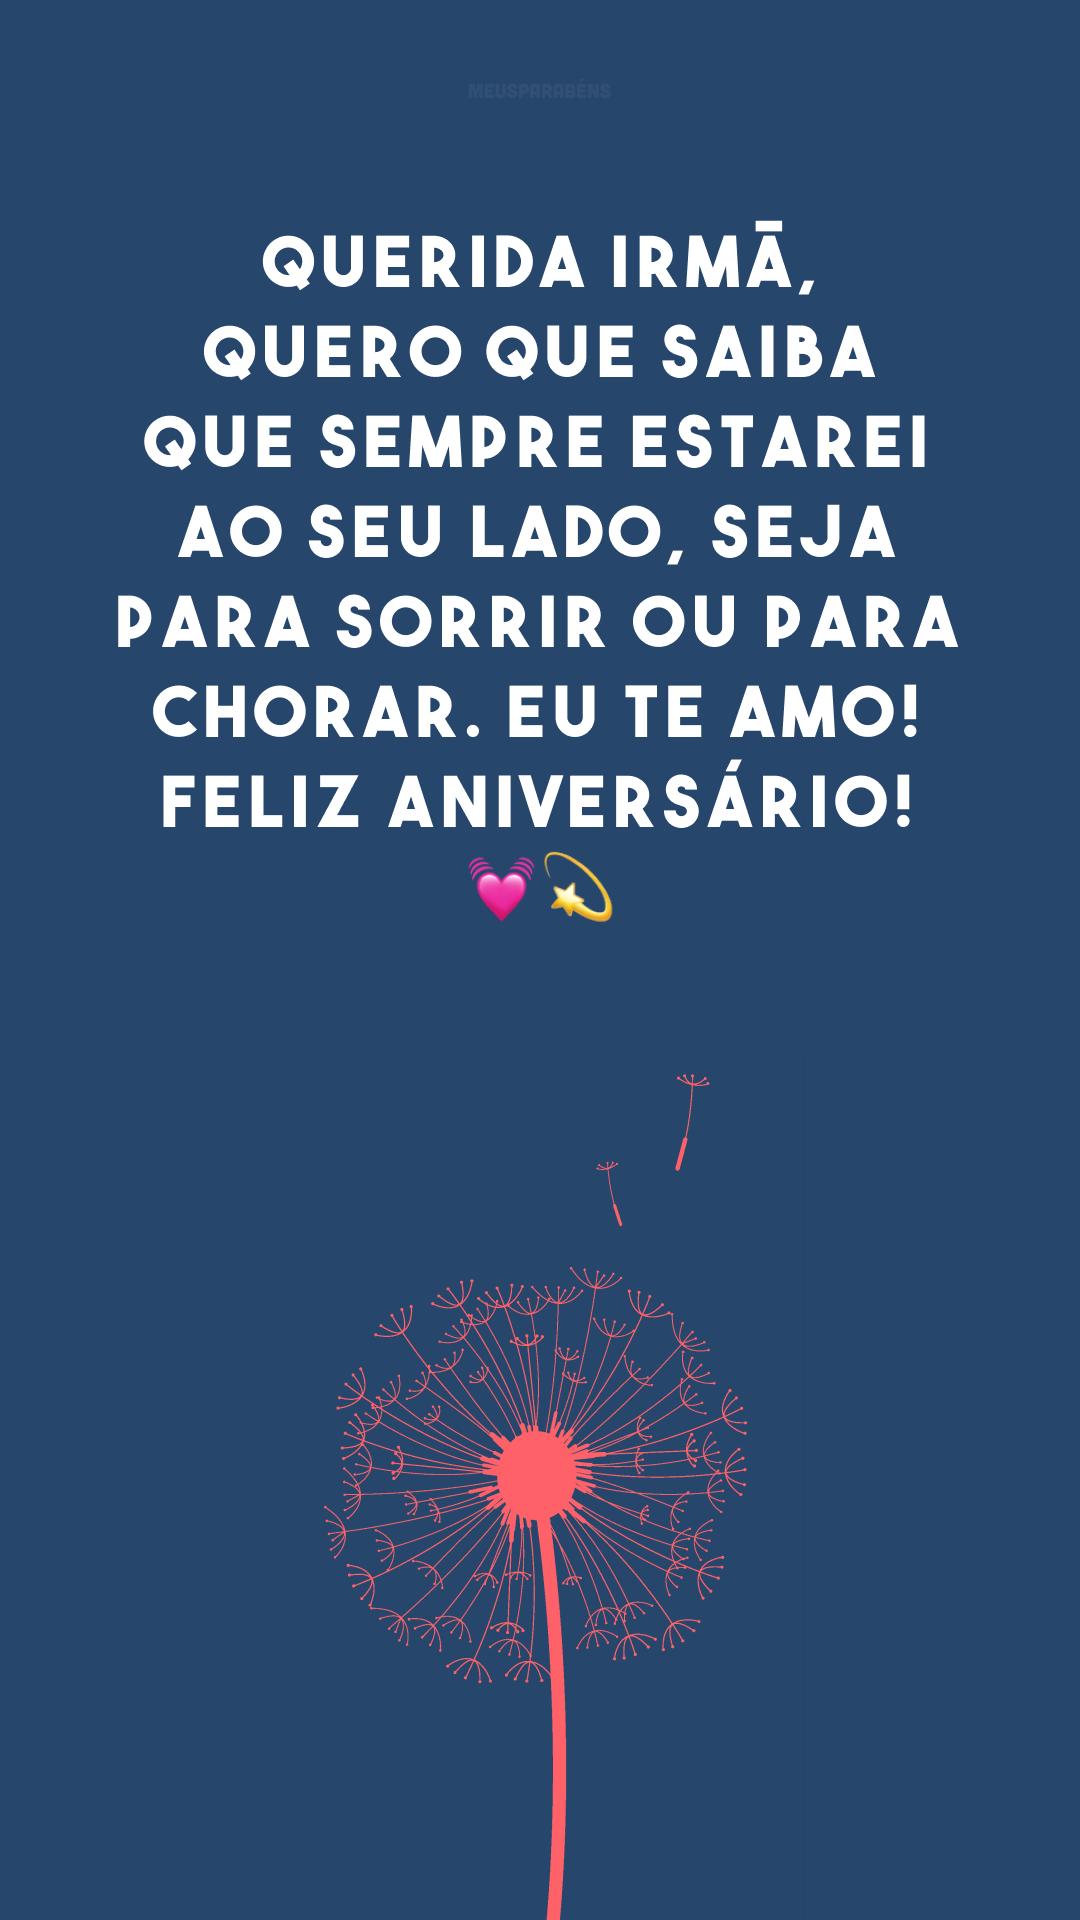 Querida irmã, quero que saiba que sempre estarei ao seu lado, seja para sorrir ou para chorar. Eu te amo! Feliz aniversário! ??